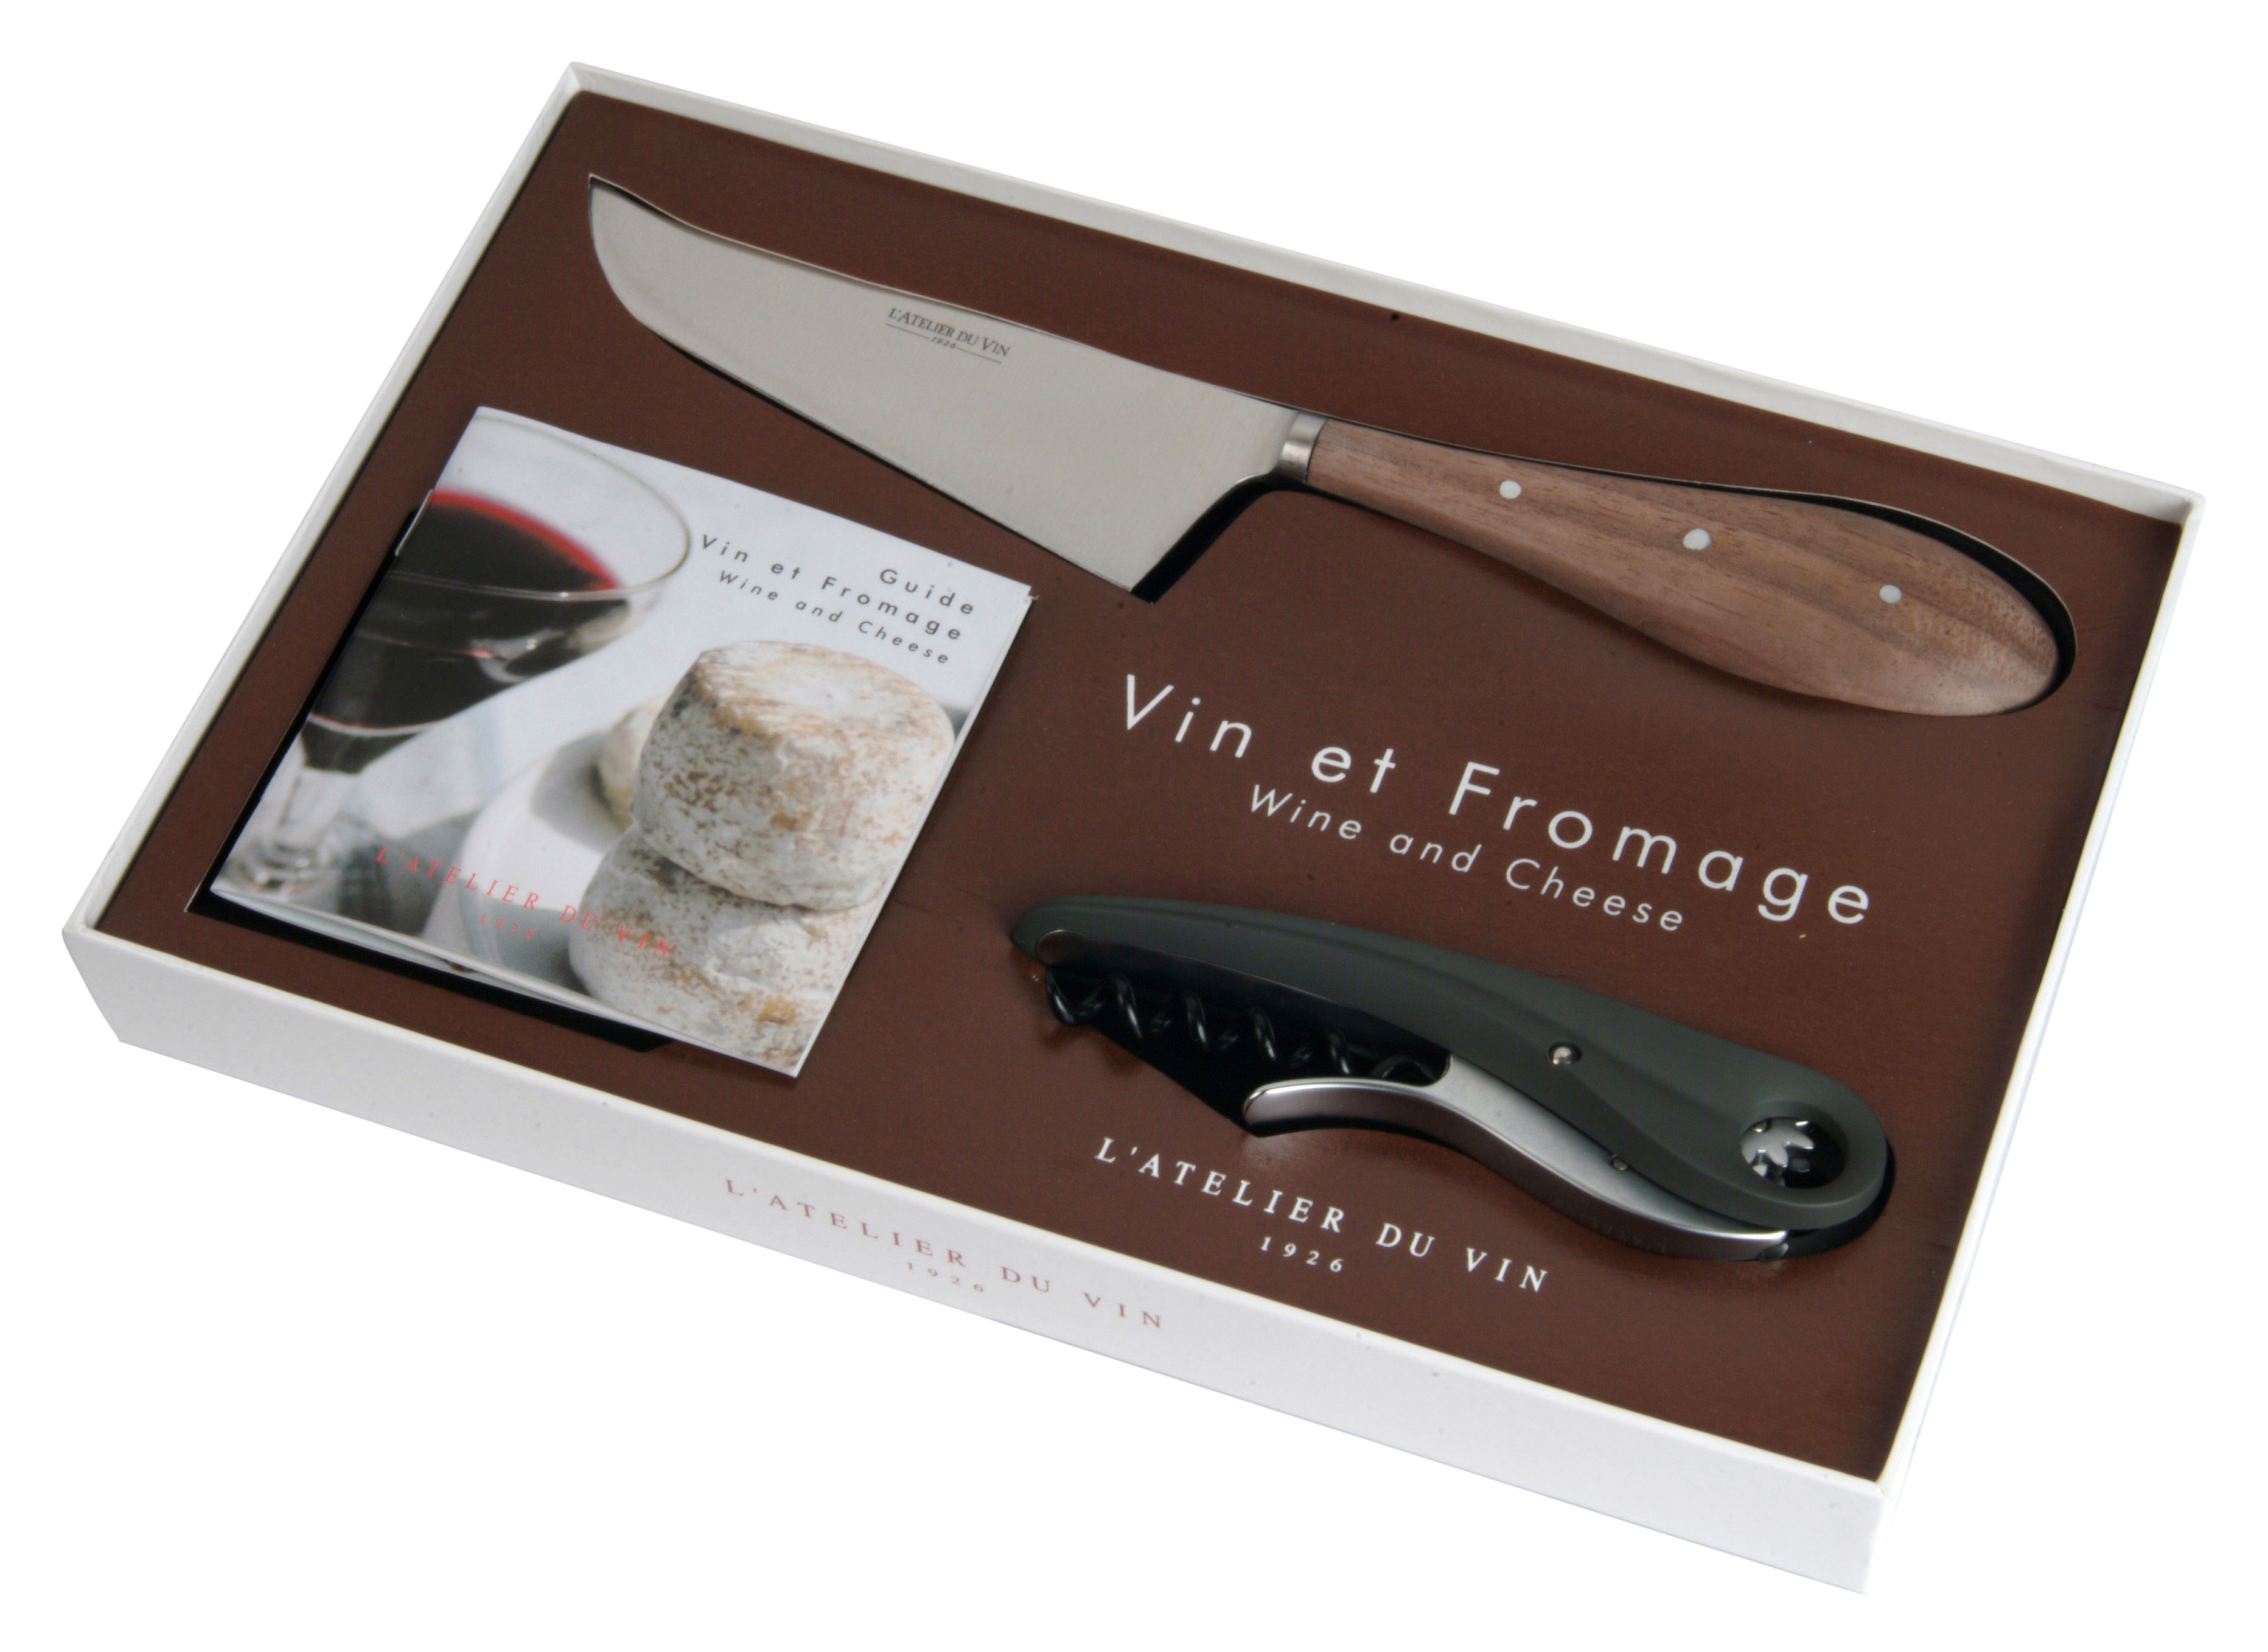 coffret vin fromage tire bouchon couteau fromage et guide de d gustation anthracite l. Black Bedroom Furniture Sets. Home Design Ideas